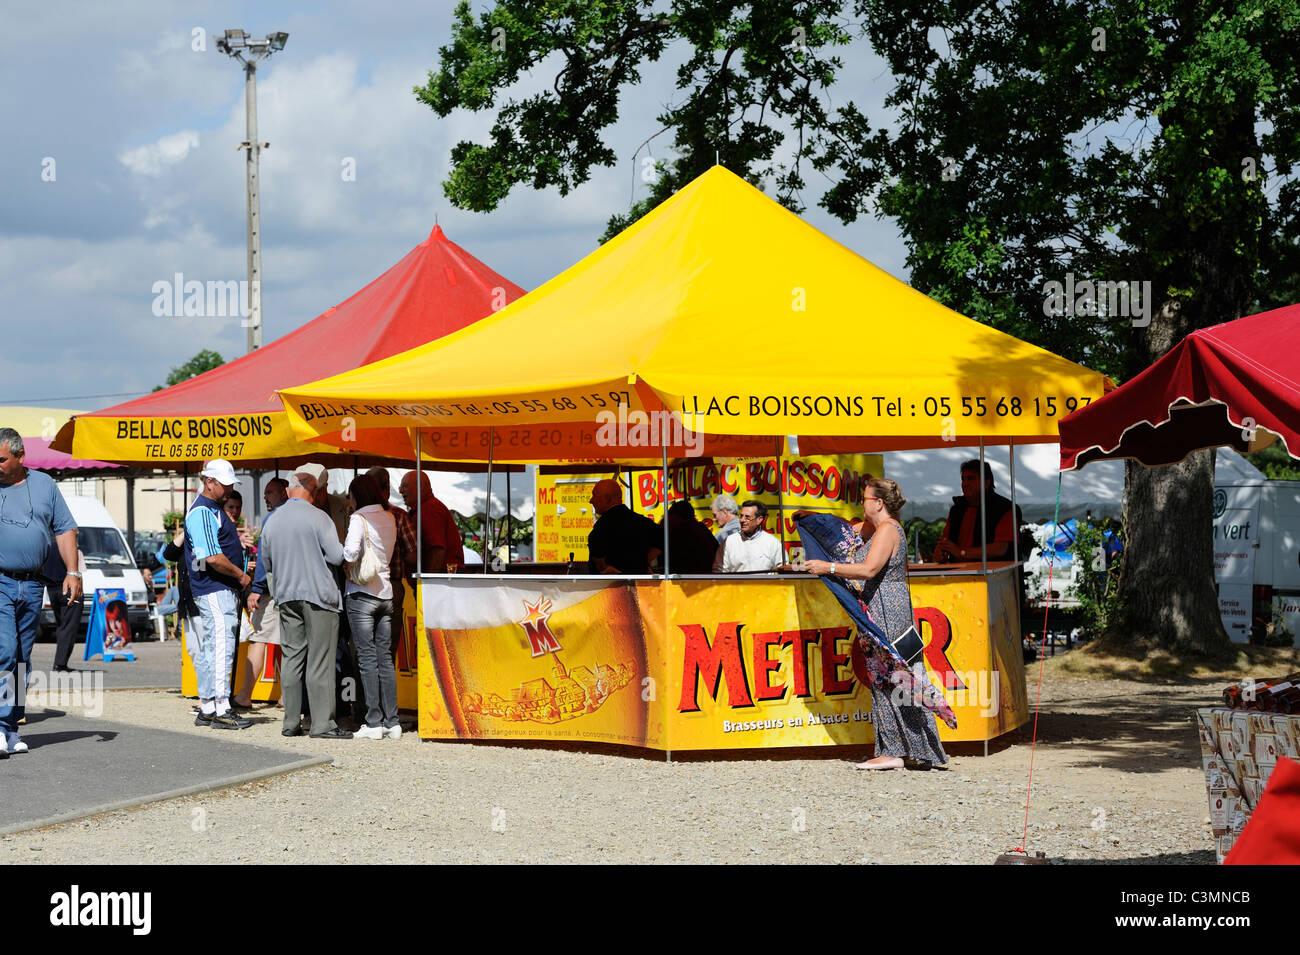 Stock Foto von einem französischen Getränke-Stand auf einem lokalen ...